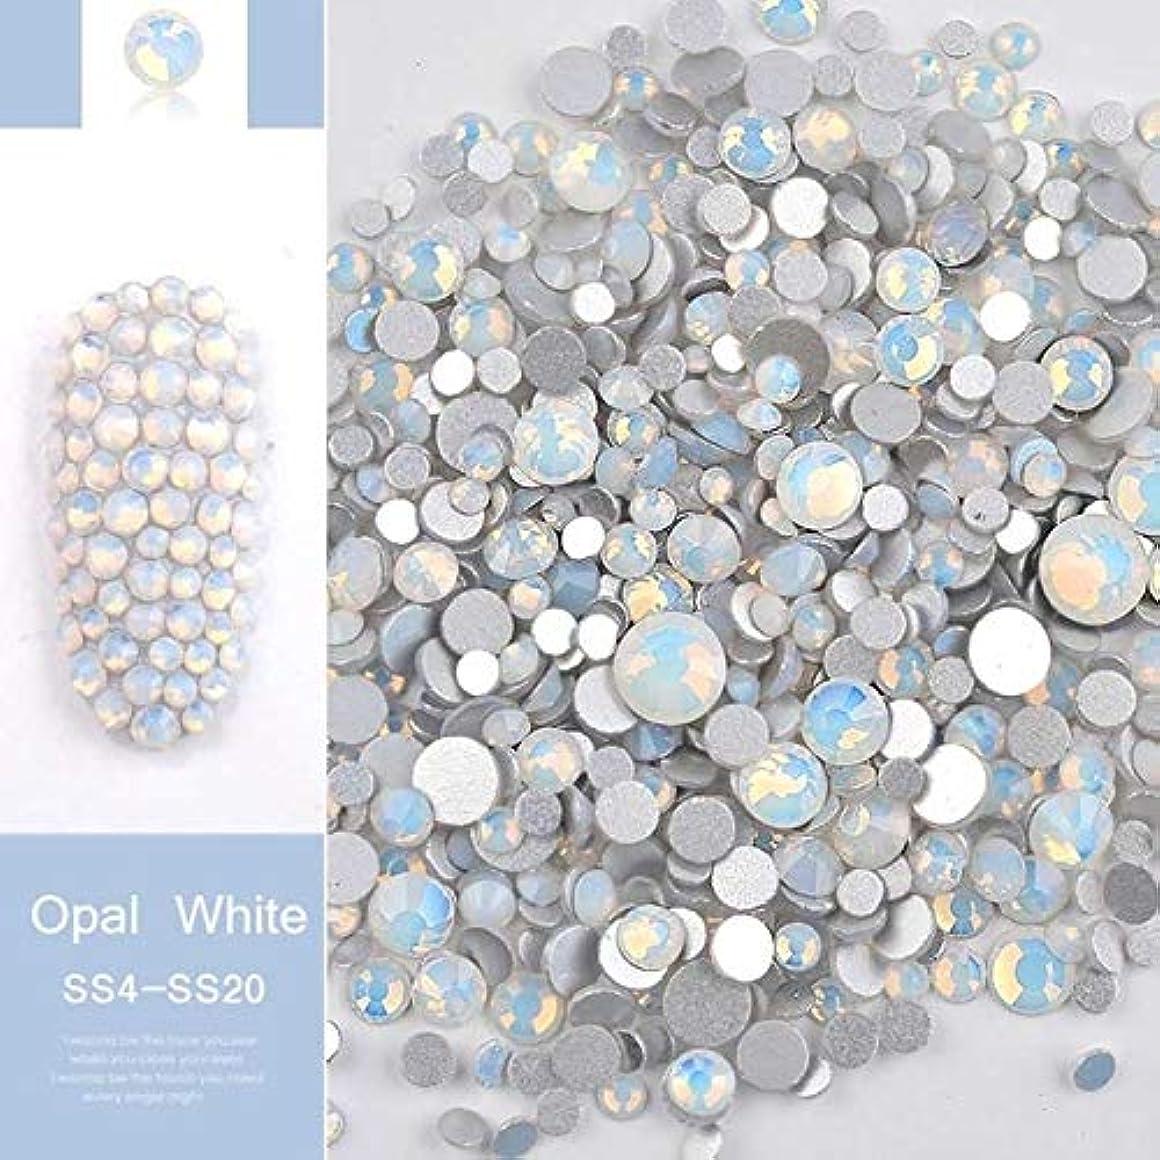 感情音楽決定する手足ビューティーケア 1パックミックスサイズ(SS4-SS20)クリスタルカラフルなオパールネイルアートラインストーンの装飾キラキラの宝石3Dマニキュアアクセサリーツール(ホワイト) (色 : 白)